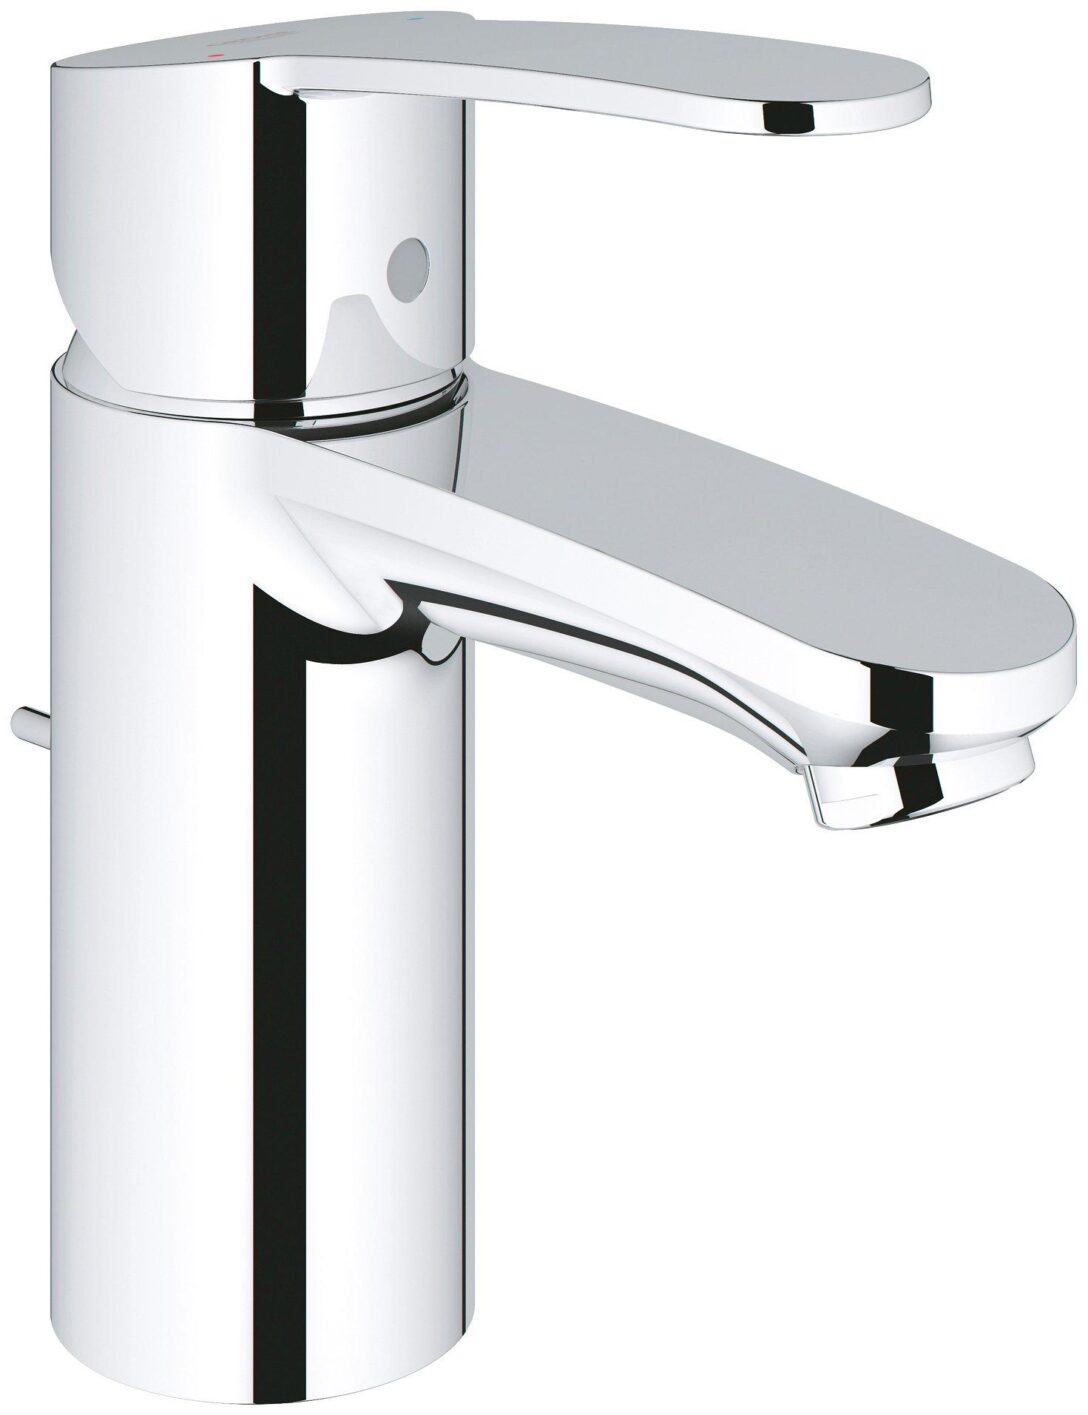 Large Size of Grohe Wasserhahn Waschtischarmatur Eurostyle Cosmopolitan Küche Thermostat Dusche Wandanschluss Für Bad Wohnzimmer Grohe Wasserhahn